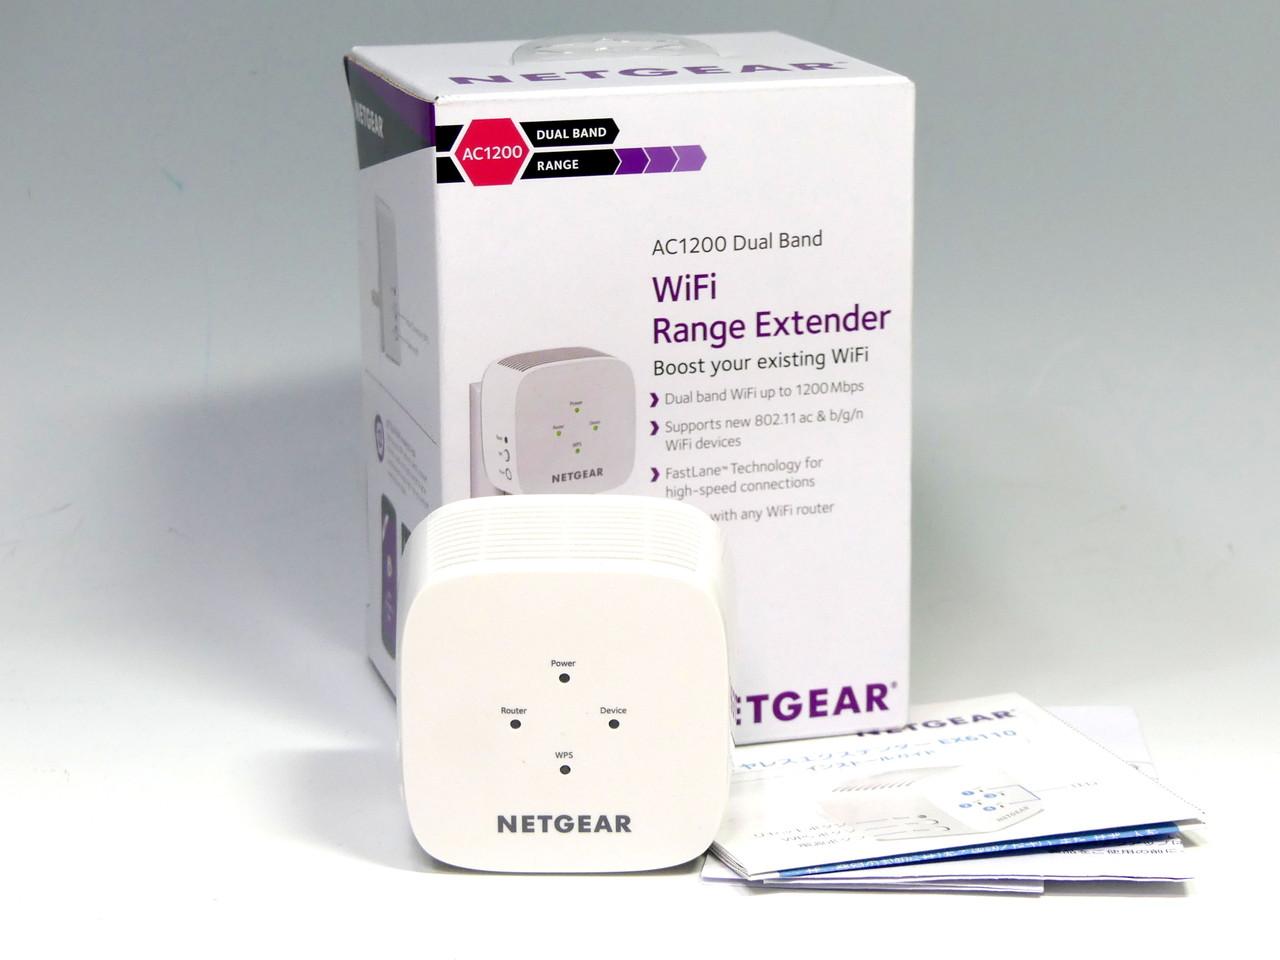 ネットギアジャパンのIEEE 802.11ac/n/a/g/b対応無線LAN中継機「EX6110」